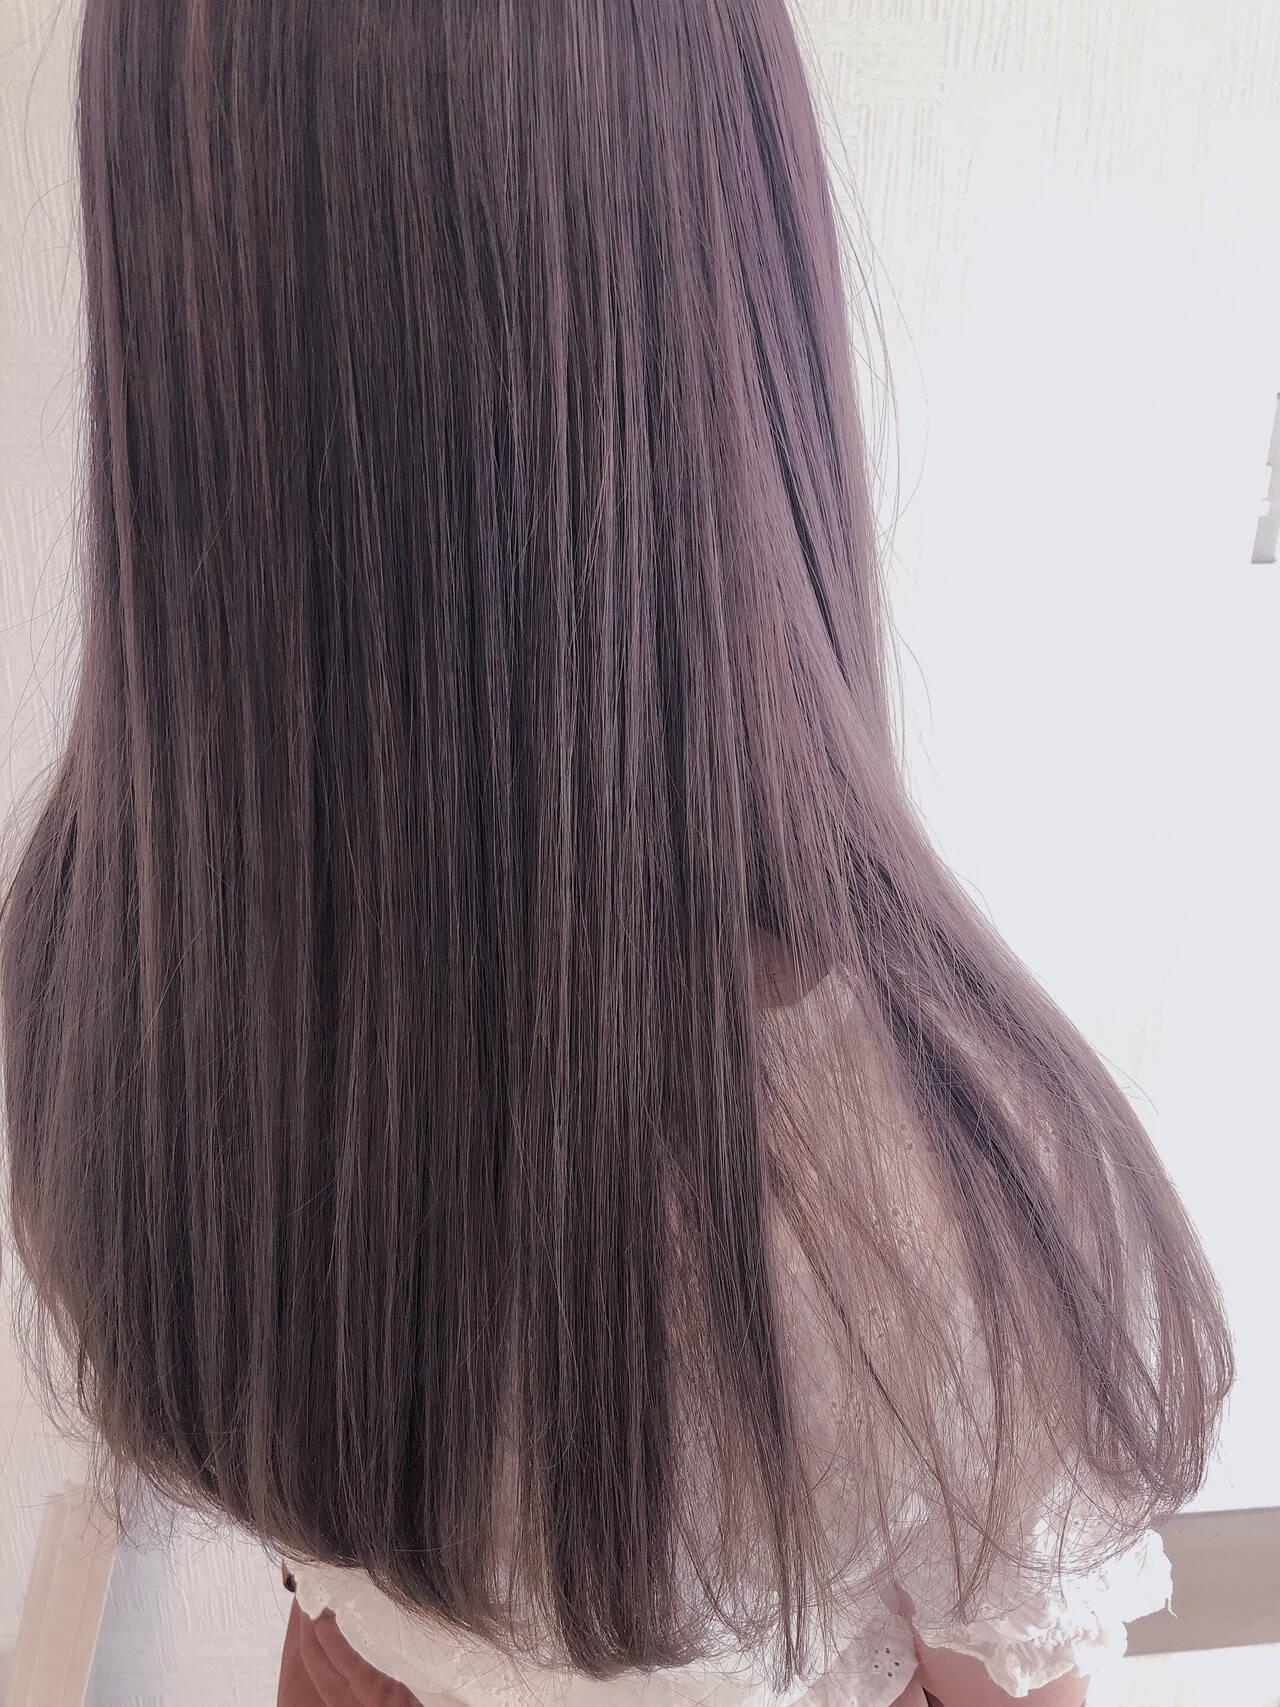 ラベンダーピンク セミロング ラベンダーグレージュ パープルアッシュヘアスタイルや髪型の写真・画像